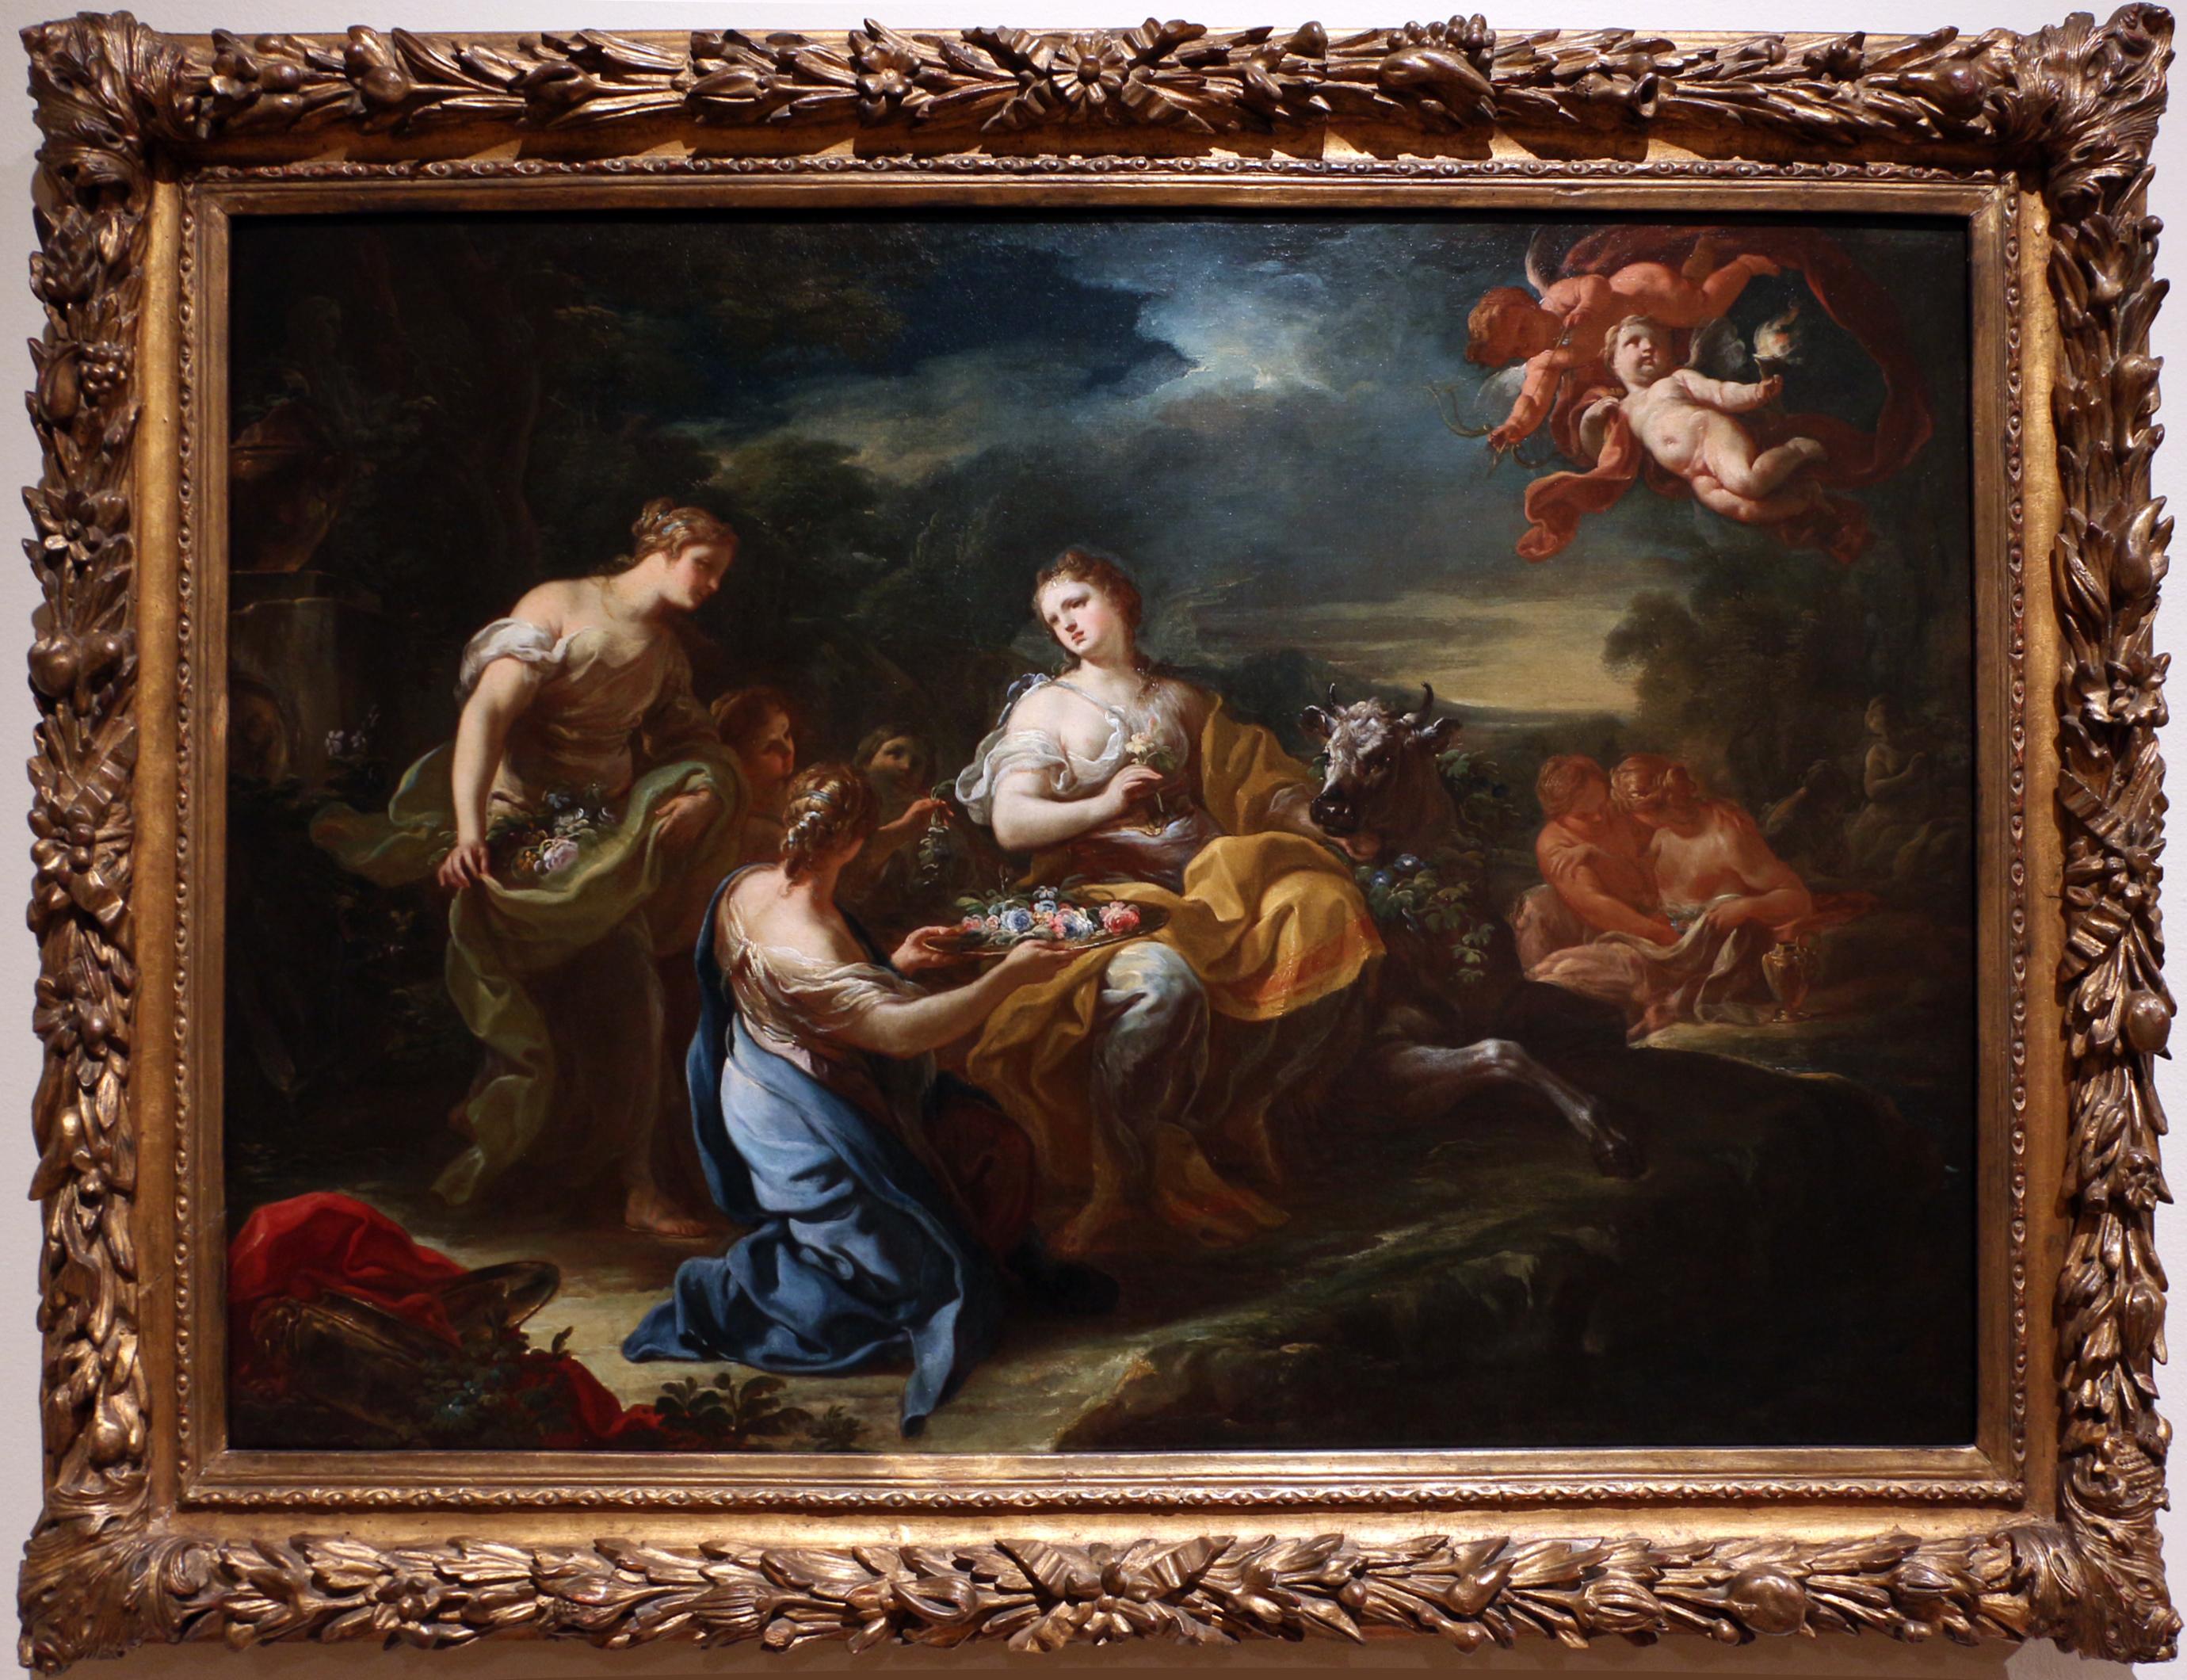 File:Corrado giaquinto, ratto di europa, 1752 ca.jpg